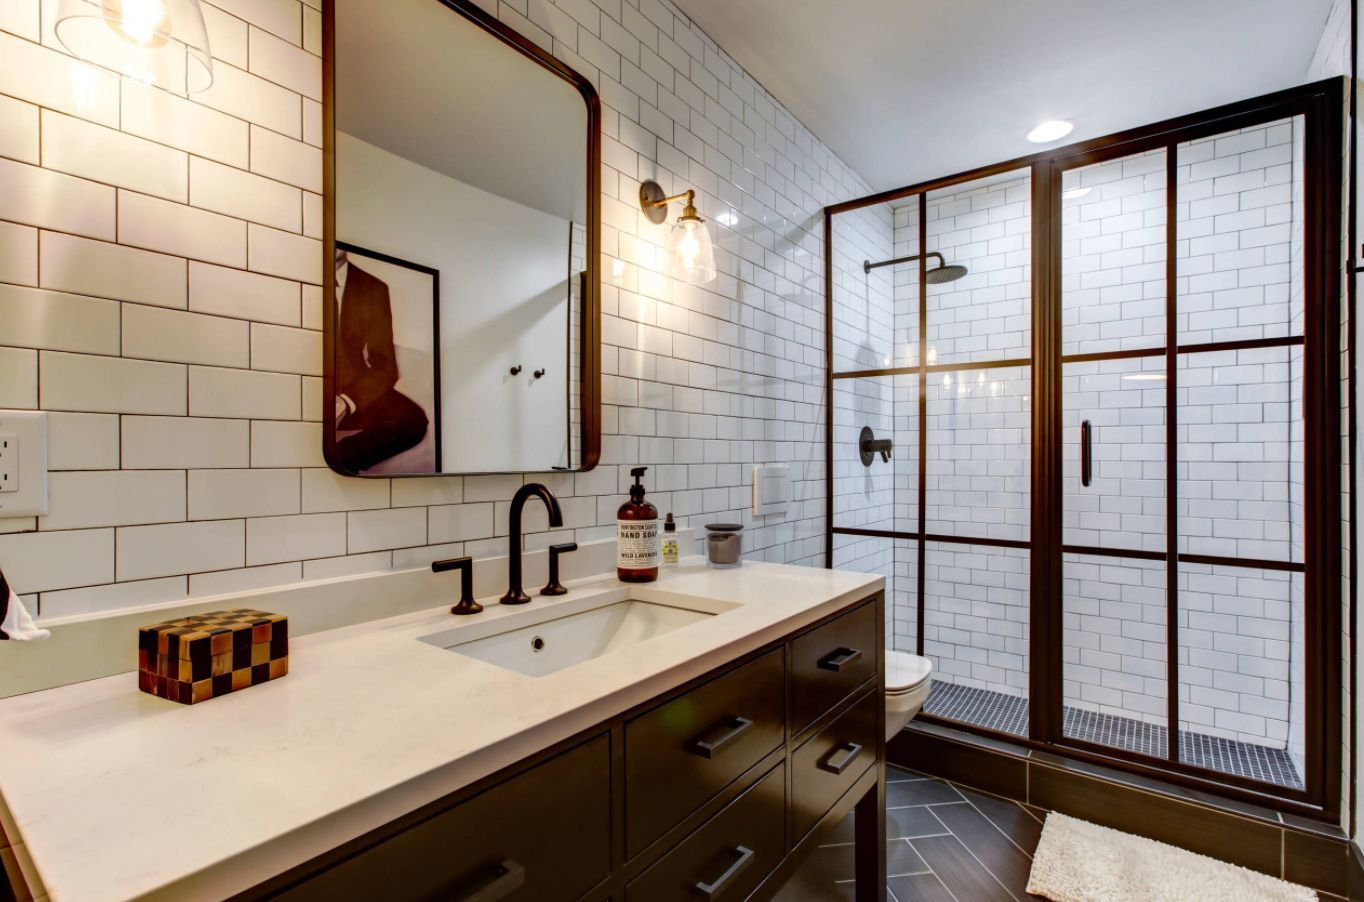 Fliesen ideen um badezimmer eitelkeit stilvolle möglichkeiten eine ubahnfliesendusche zu modernisieren